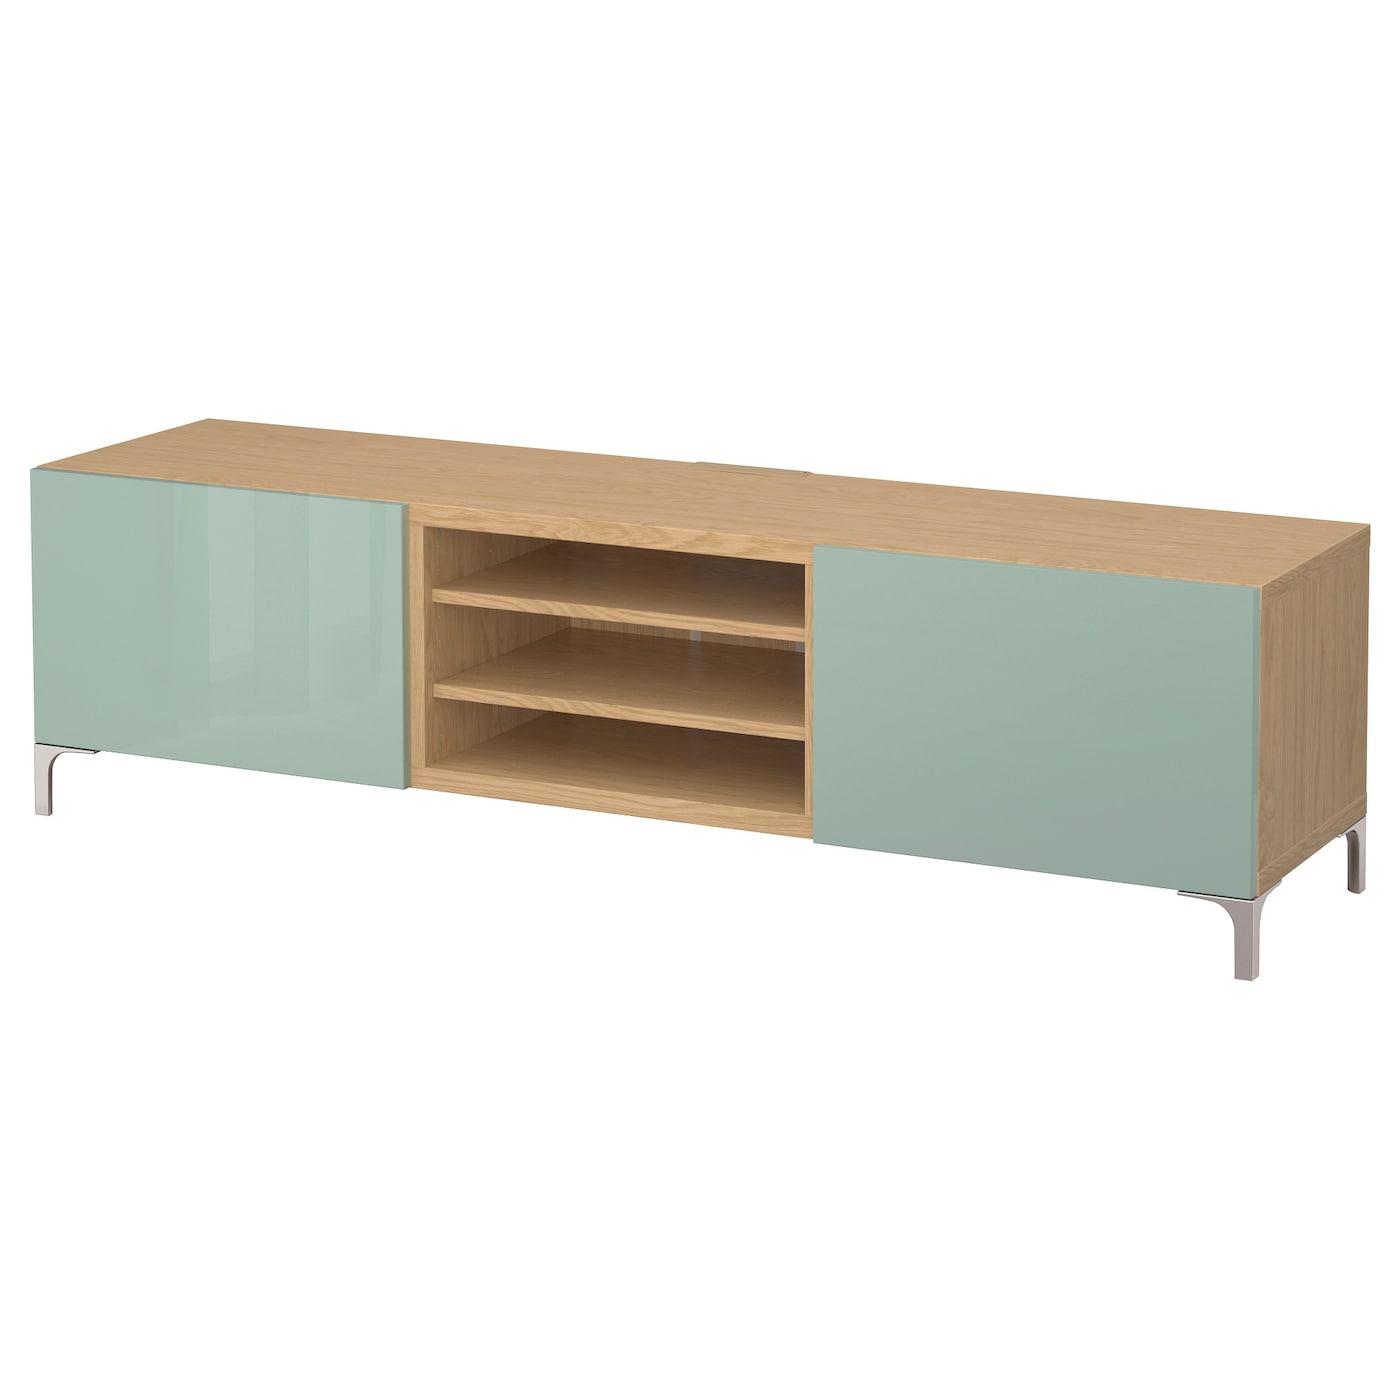 Best Tv Bench With Drawers Oak Effect Selsviken High Gloss Light Grey Green 180x40x48 Cm Ikea